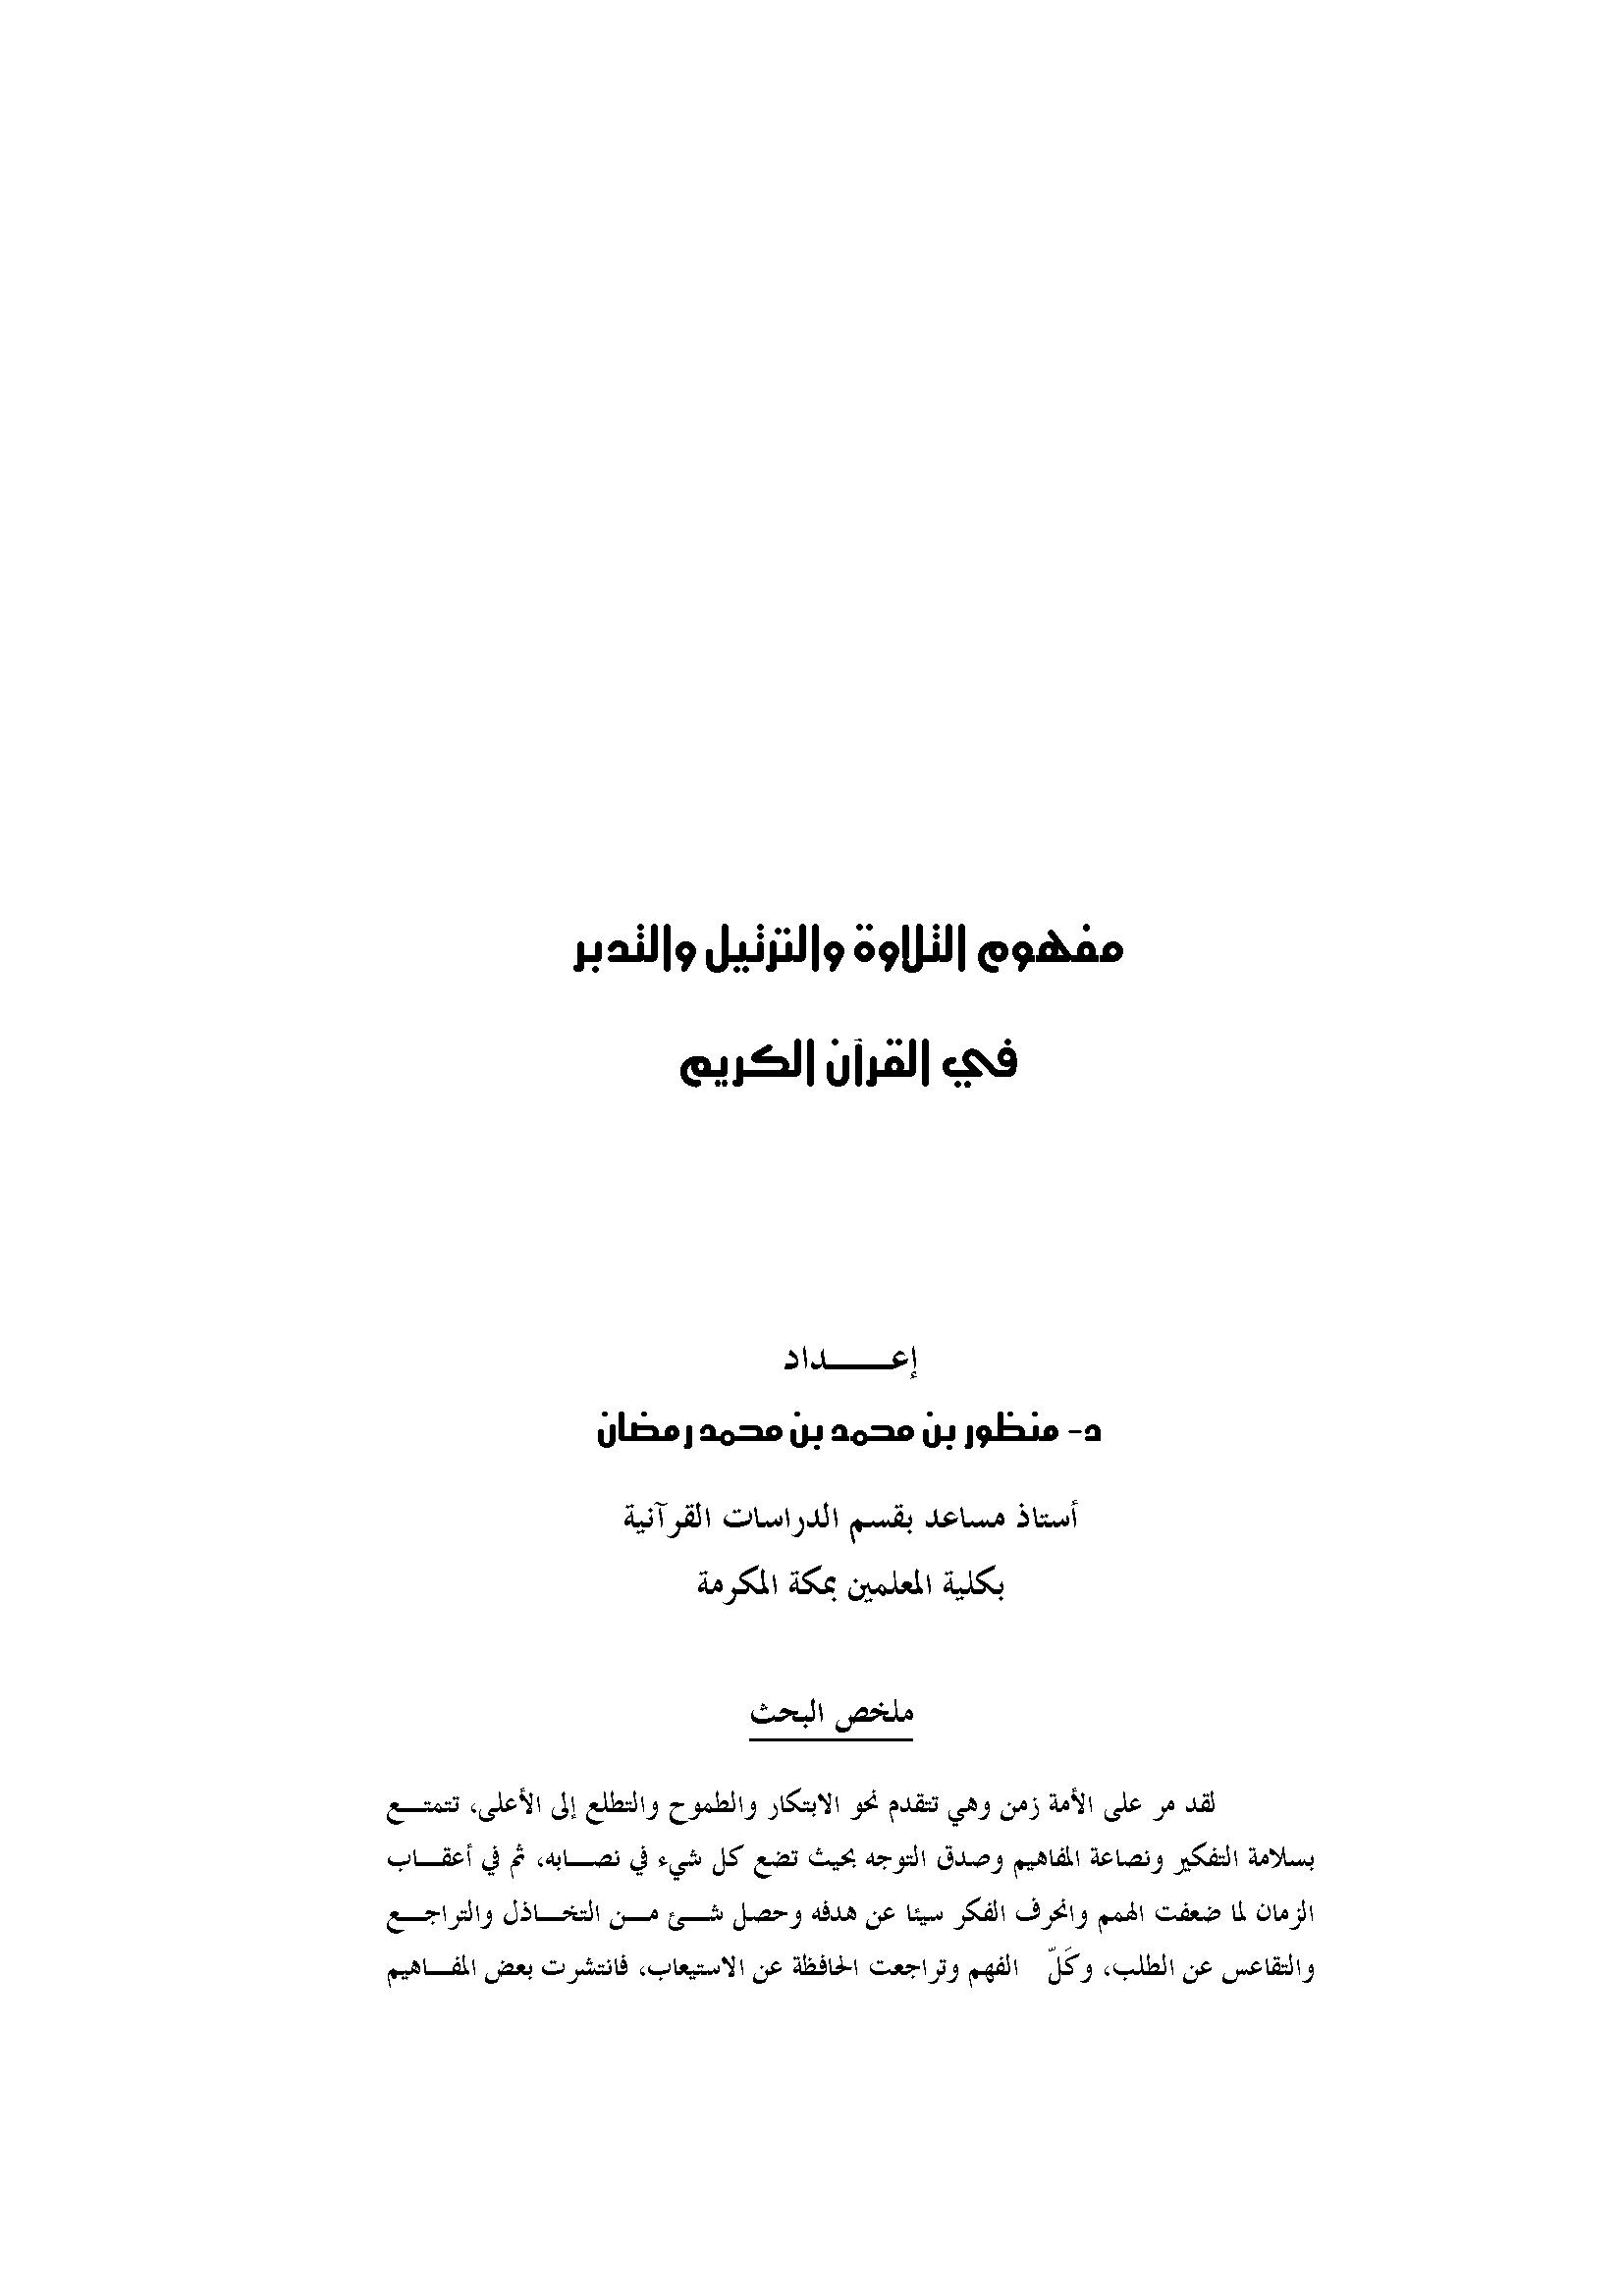 تحميل كتاب مفهوم التلاوة والترتيل والتدبر في القرآن الكريم لـِ: الدكتور منظور بن محمد بن محمد رمضان